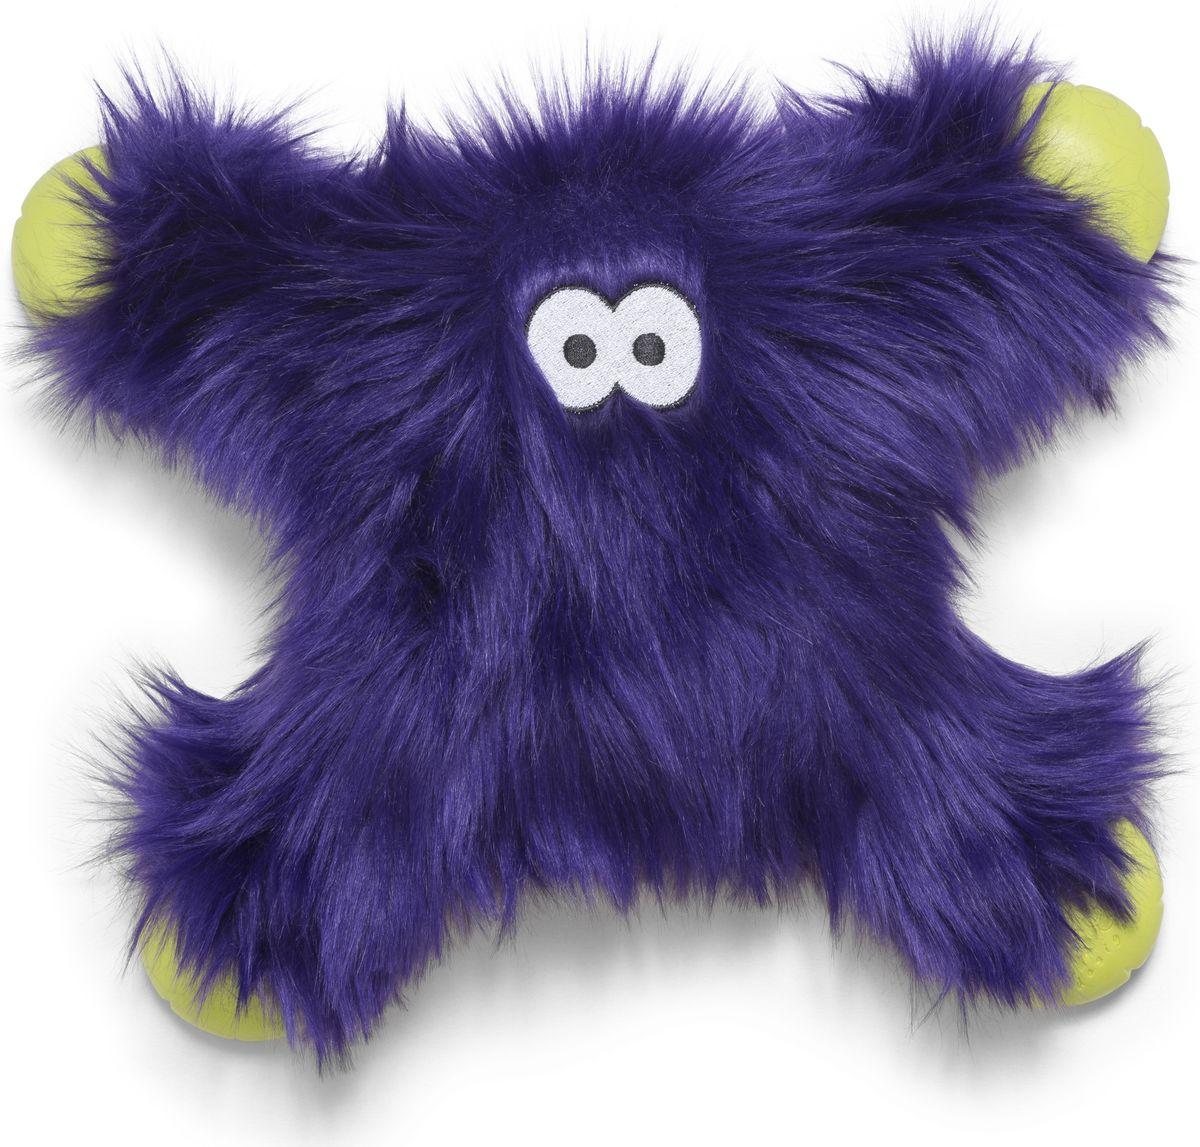 Игрушка для собак Zogoflex Rowdies Lincoln, цвет: фиолетовый, 28 см758174Не подходит для самостоятельных игр. Если ваша собака имеет очень сильные челюсти и быстро разрушает игрушки, рекомендуем вам игрушки Zogoflex: мячик Jive, игрушка под лакомства Tux, гантель Hurley. Идеально подходят для мелких и средних собак, которые очень любят грызть и трепать. Rowdies - новая коллекция плюшевых игрушек для собак от компании West Paw, удостоенная нескольких наград за высочайшую прочность среди текстильных игрушек. Не важно, кукольный у вас терьер или огромный мастиф: игрушки такие крепкие, что выдержат натиск зубов любой собаки!Для создания суперпрочных жевательных зон West Paw использует инновационный материал Zogoflex. Жесткая плюшевая ткань HardyTex усилена сетчатой основой, что продлевает срок службы изделия.Коллекция Rowdies сочетает в себе исключительную долговечность и безопасность материала Zogoflex. Это пушистые плюшевые игрушки, которые прослужат долго!- Сделано в США- Прочная плюшевая игрушка - Гарантированная прочность- Усиленная ткань HardyTex